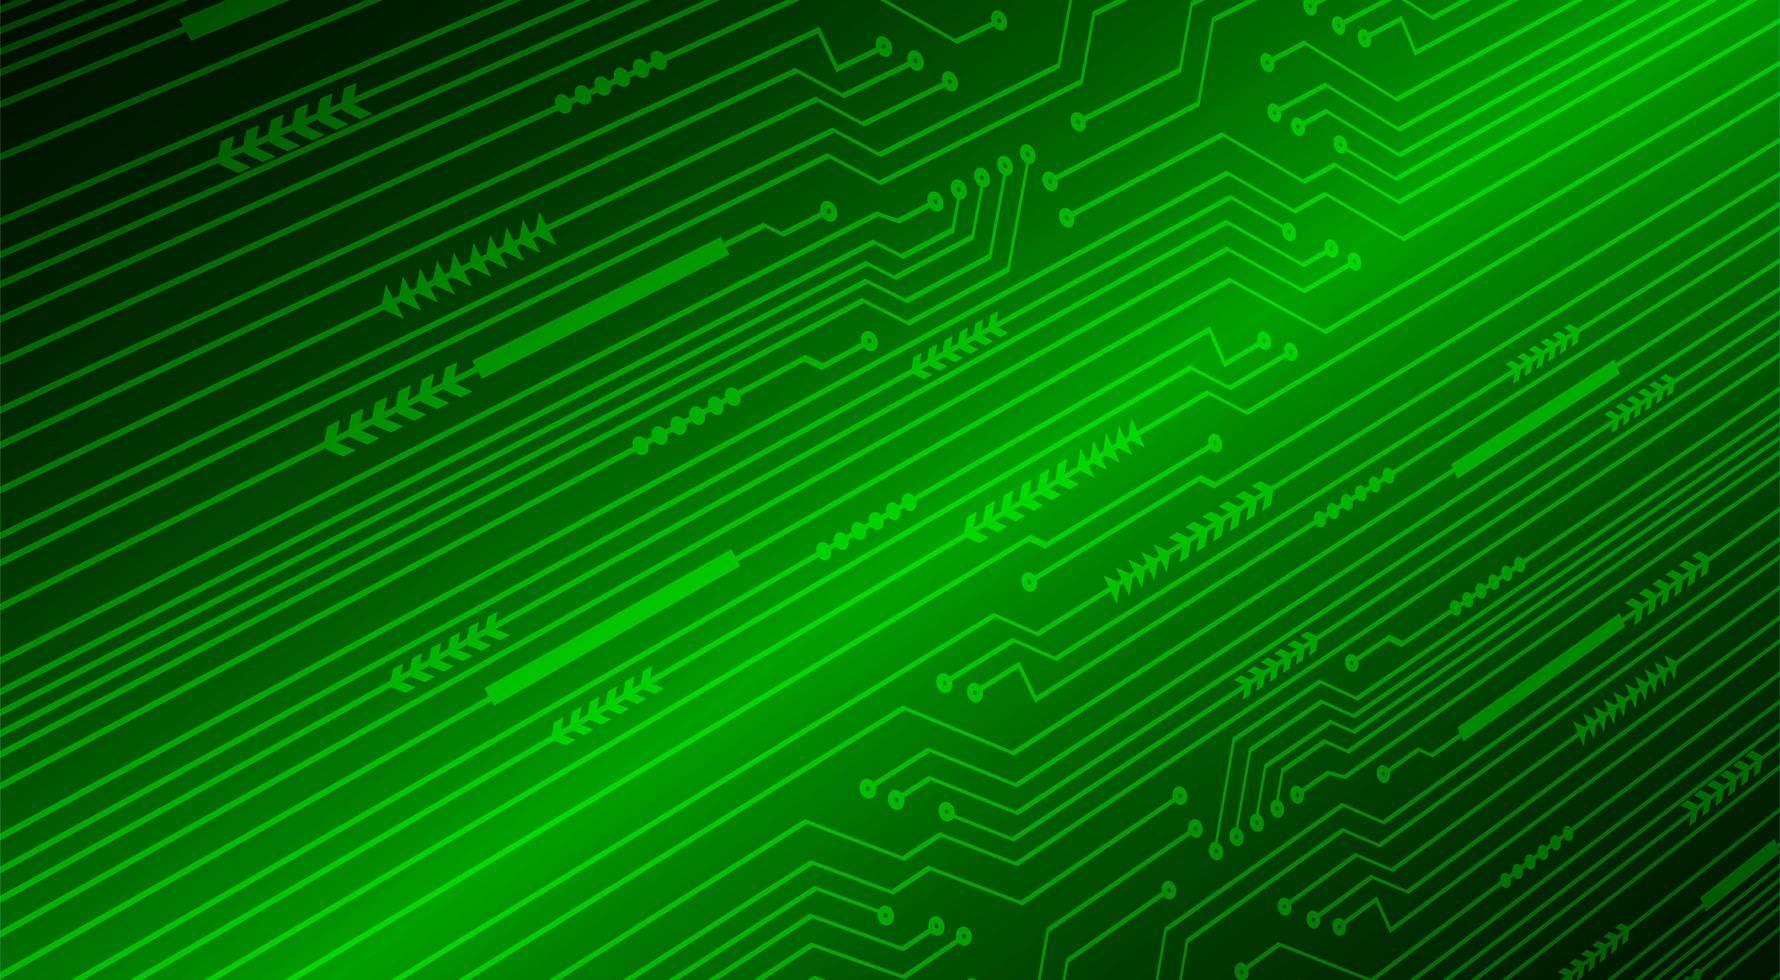 groene cyber circuit toekomstige technologie concept achtergrond vector